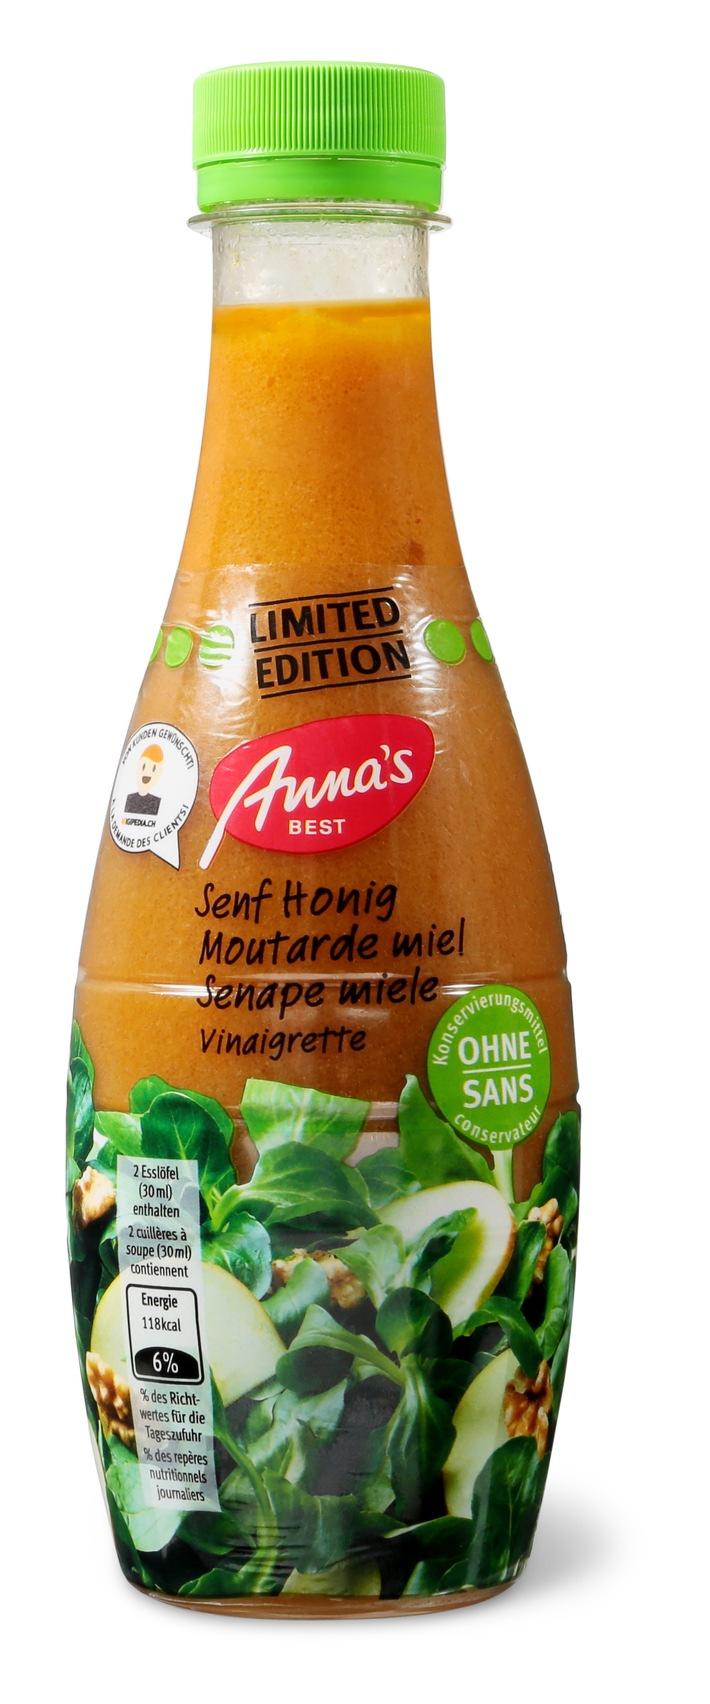 La Migros richiama la vinaigrette alla senape e al miele Anna's Best